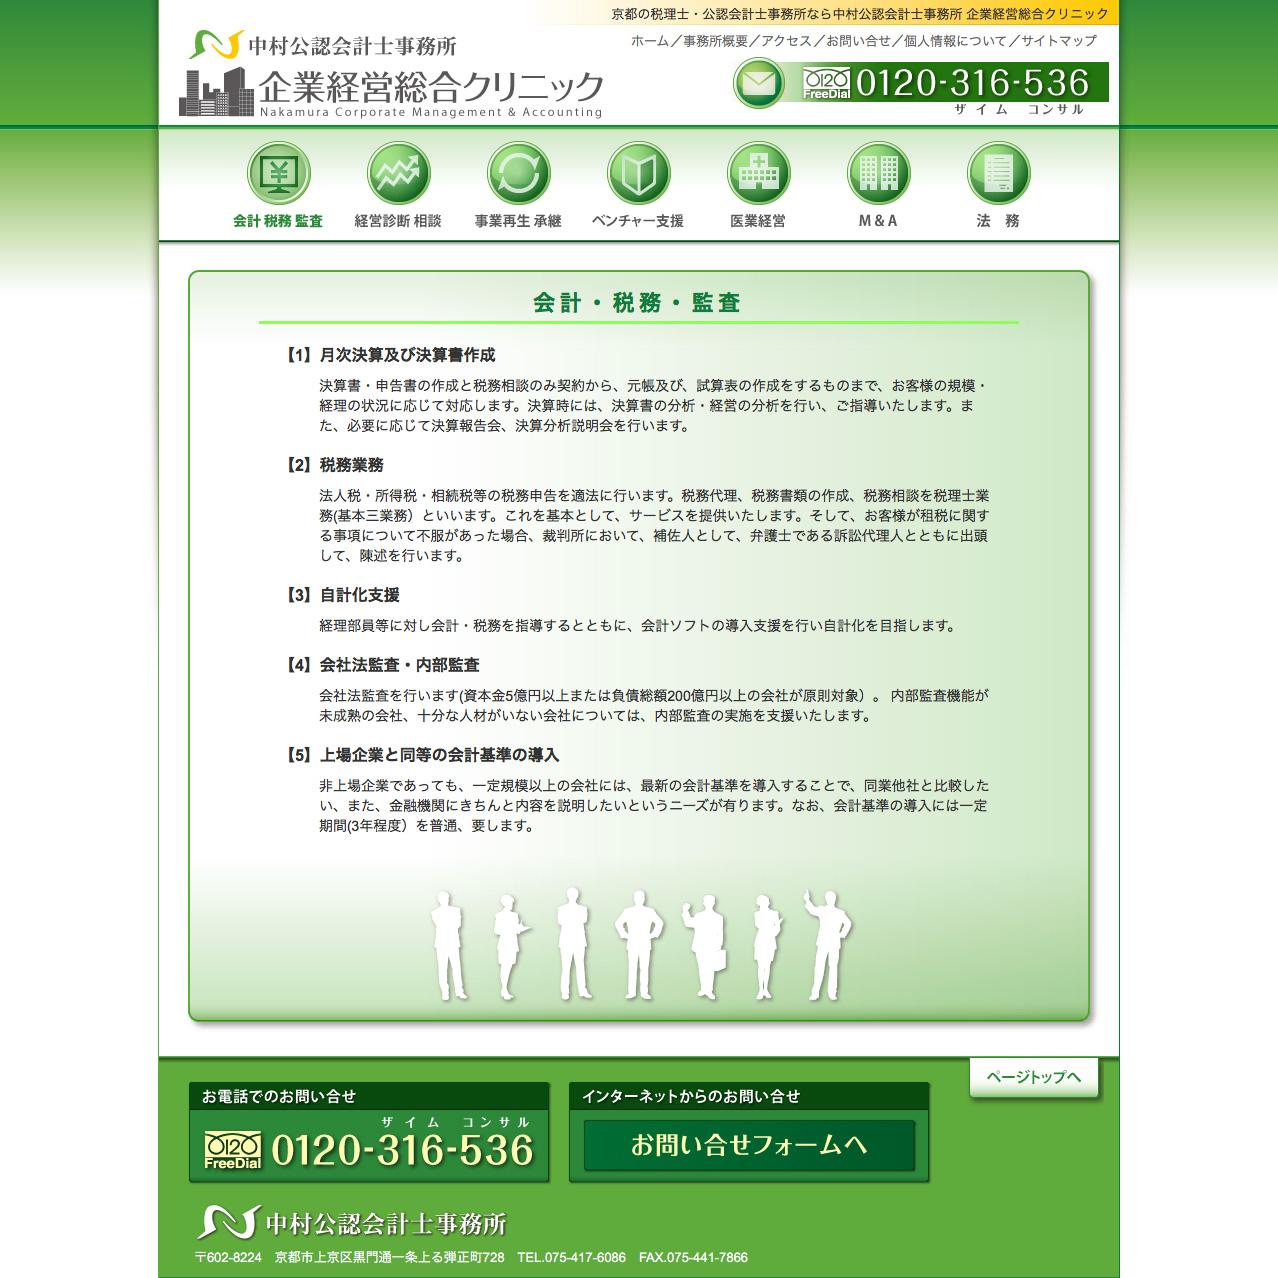 中村公認会計士事務所 会計・税務・監査ページ